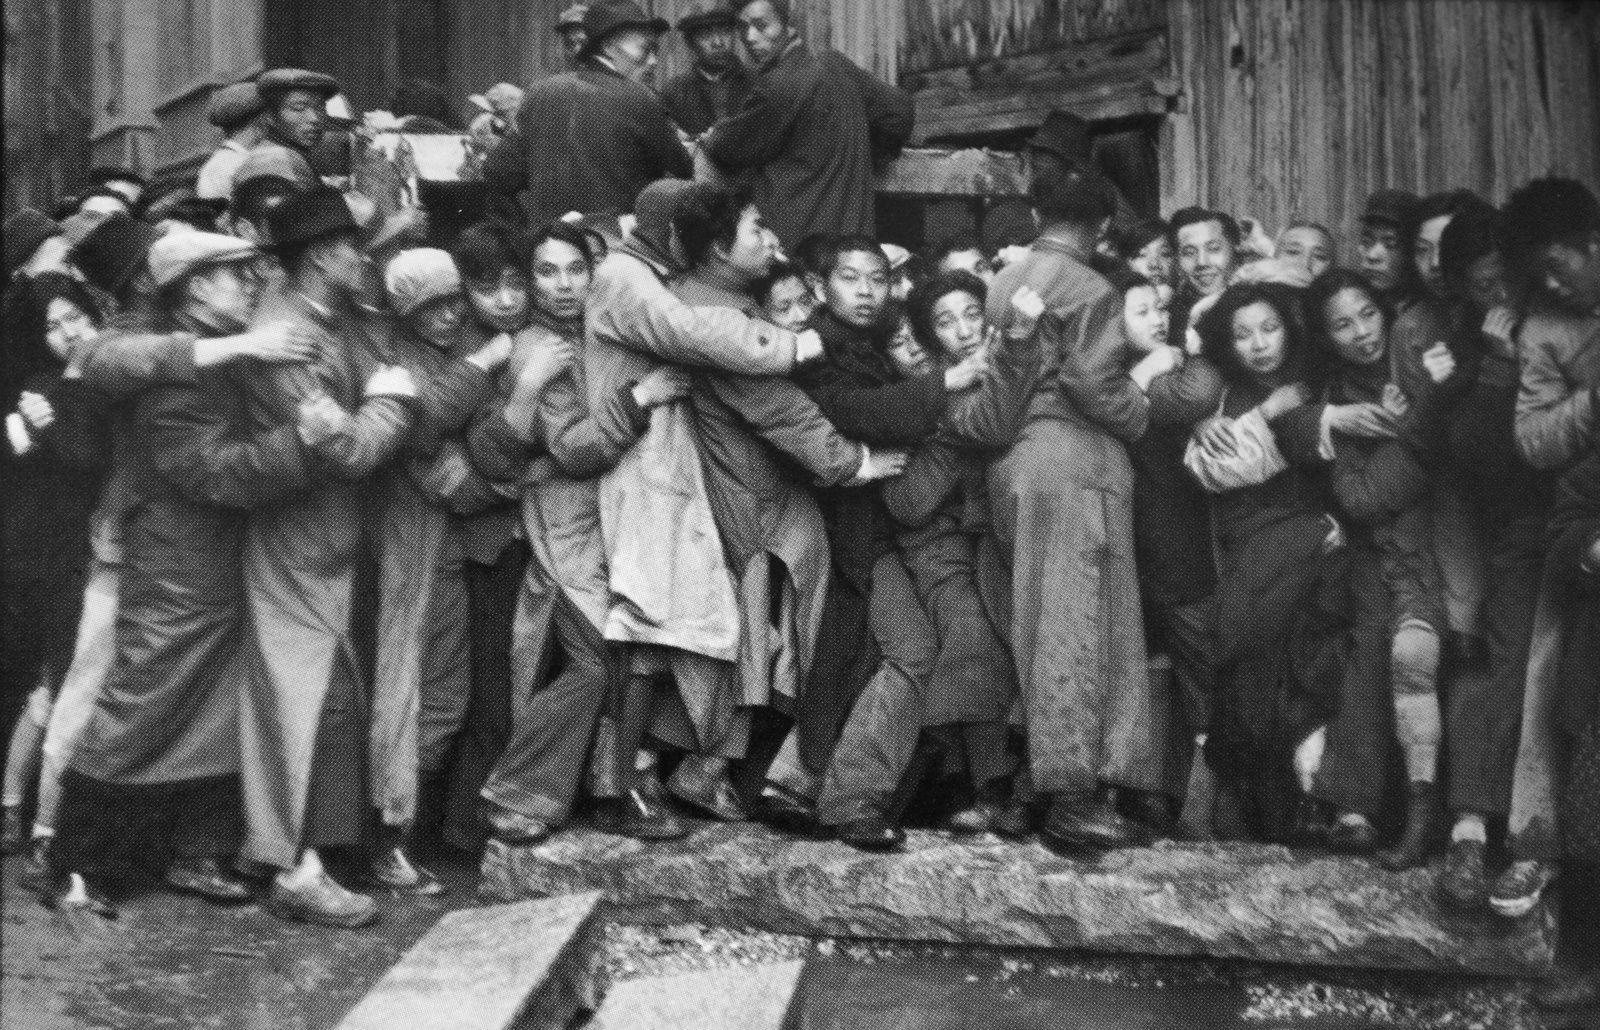 Vente d'or dans les derniers jours du Kuomintang, 1949